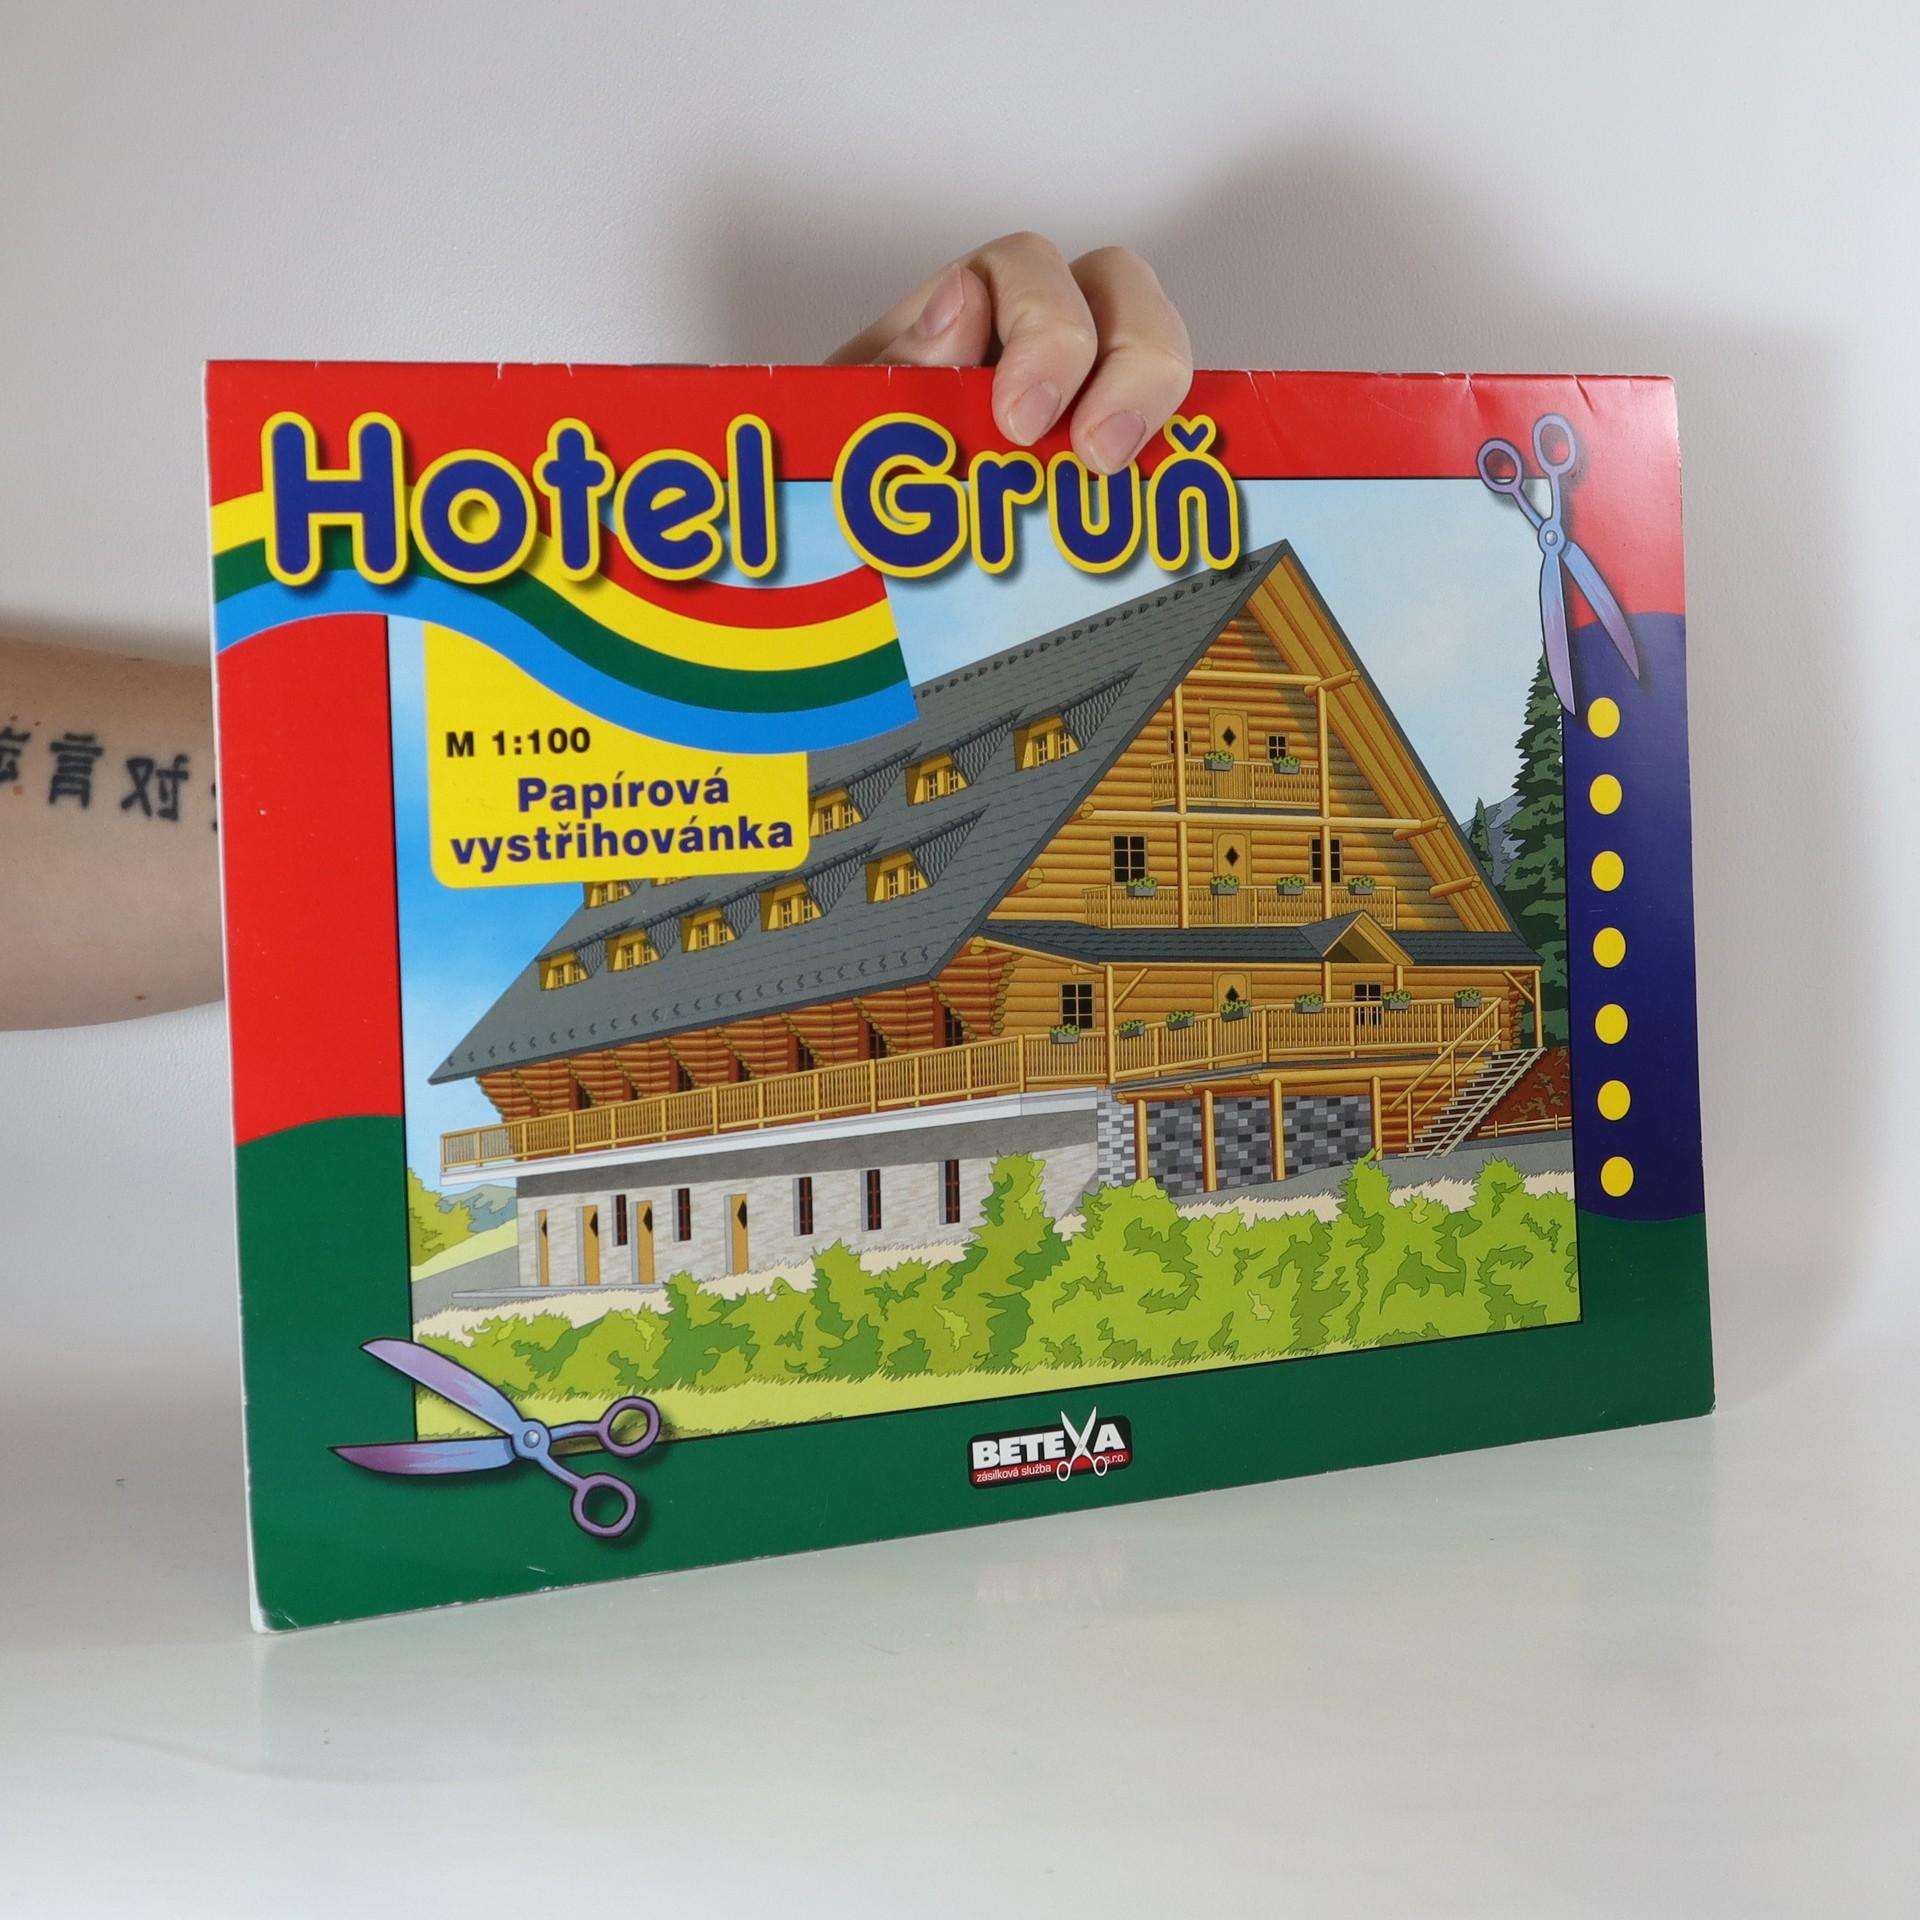 antikvární kniha Hotel Grůň - papírová vystřihovánka , neuveden